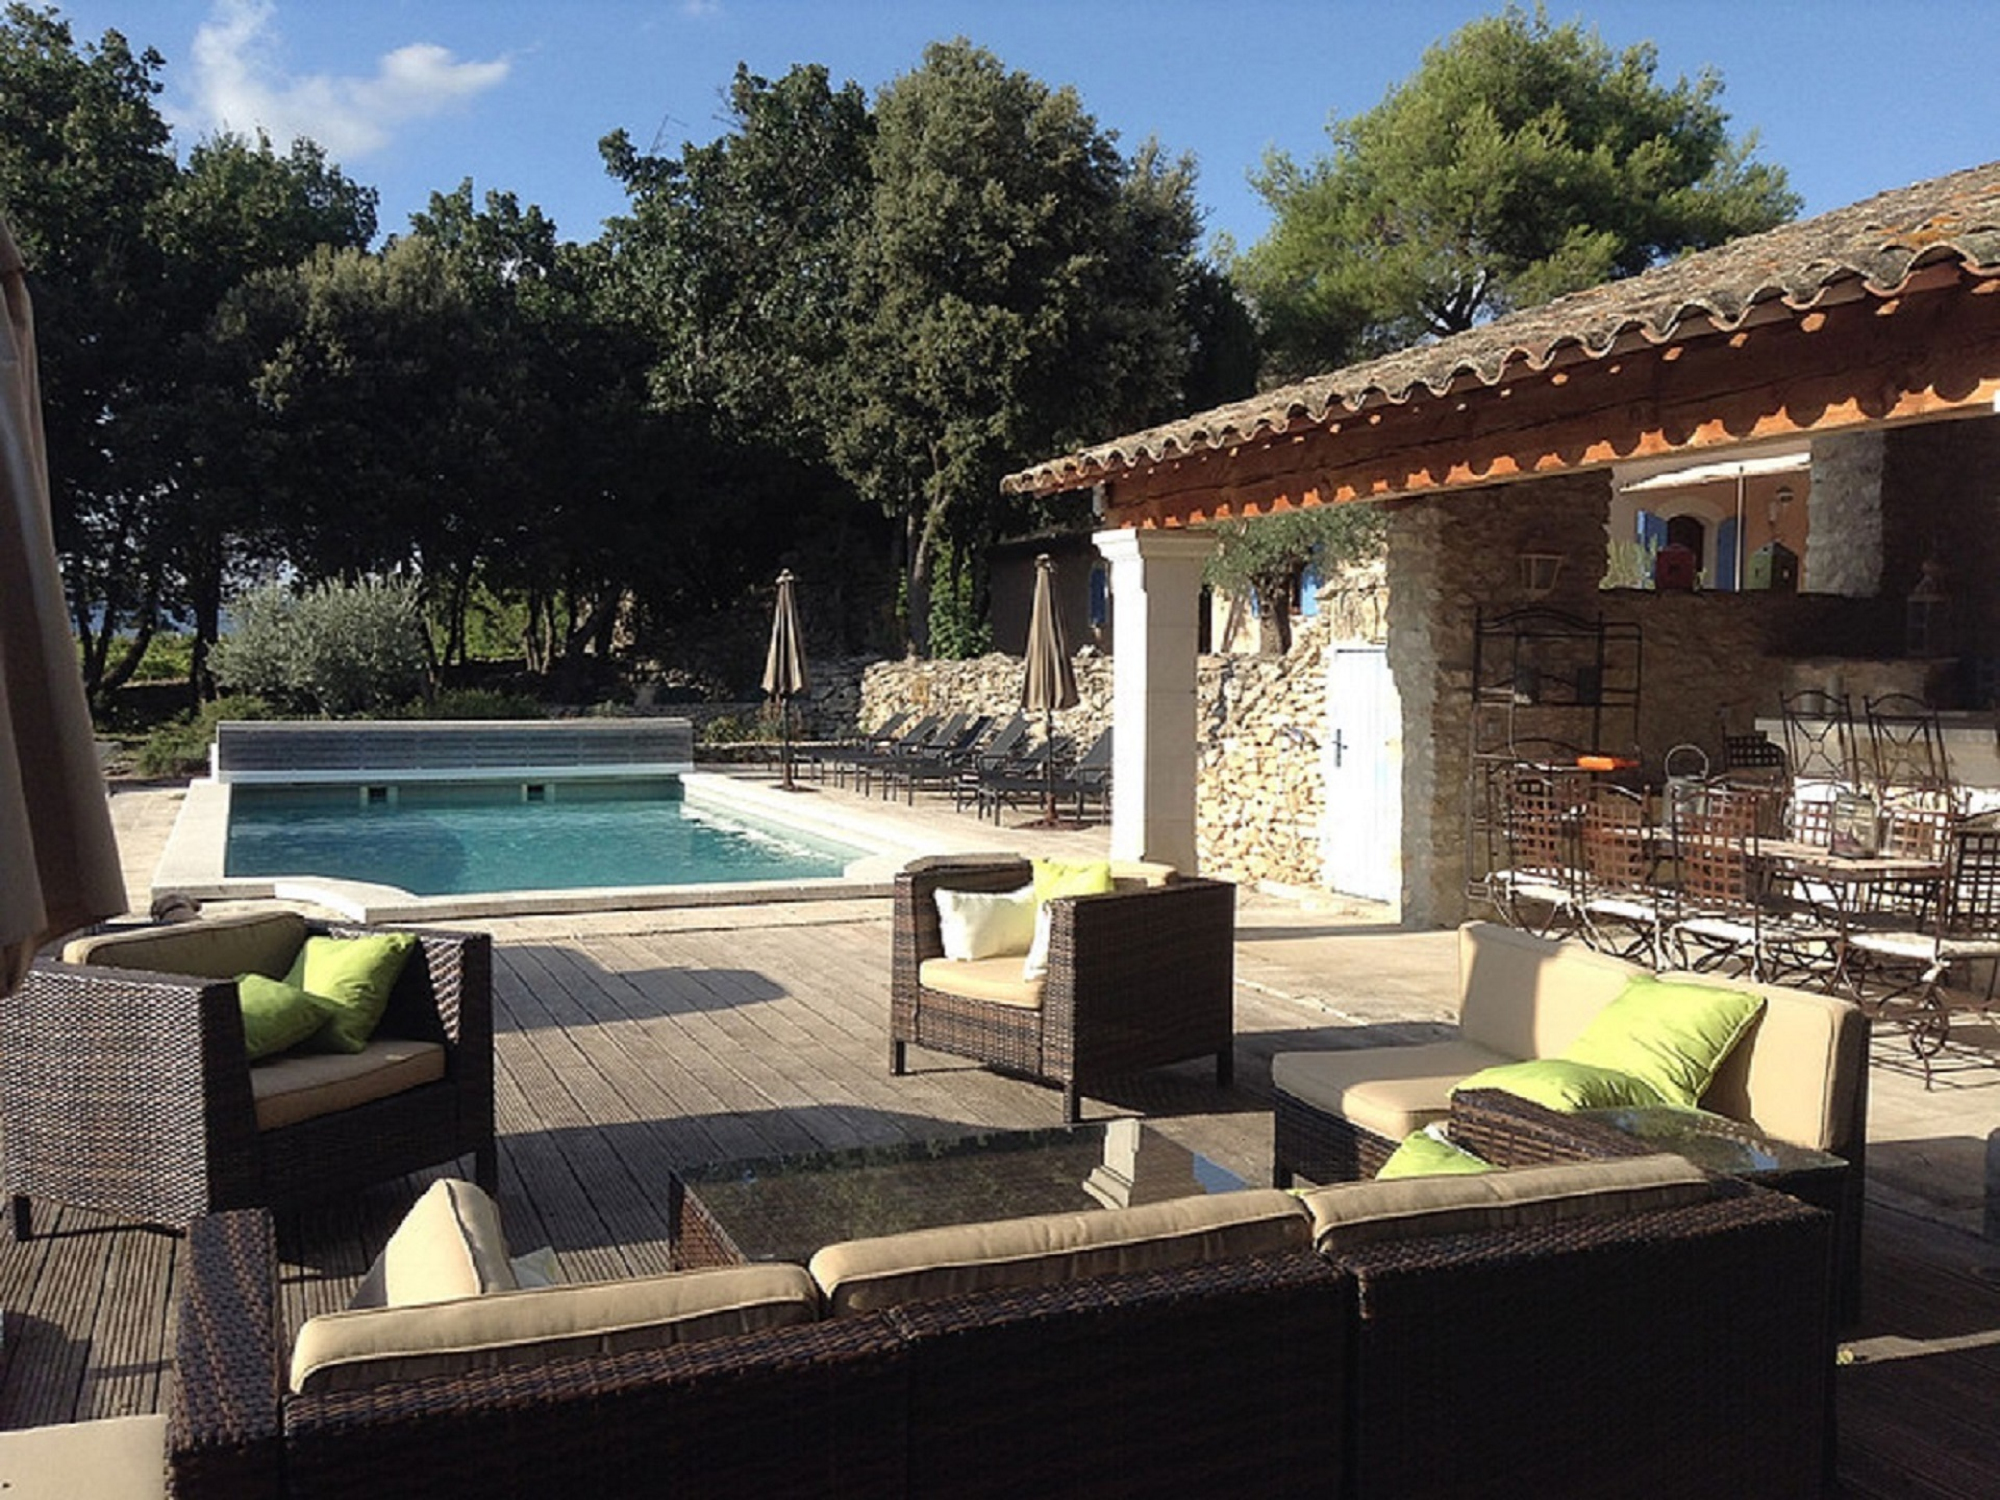 Villa des bories location de vacances en luberon for Location villa salon de provence